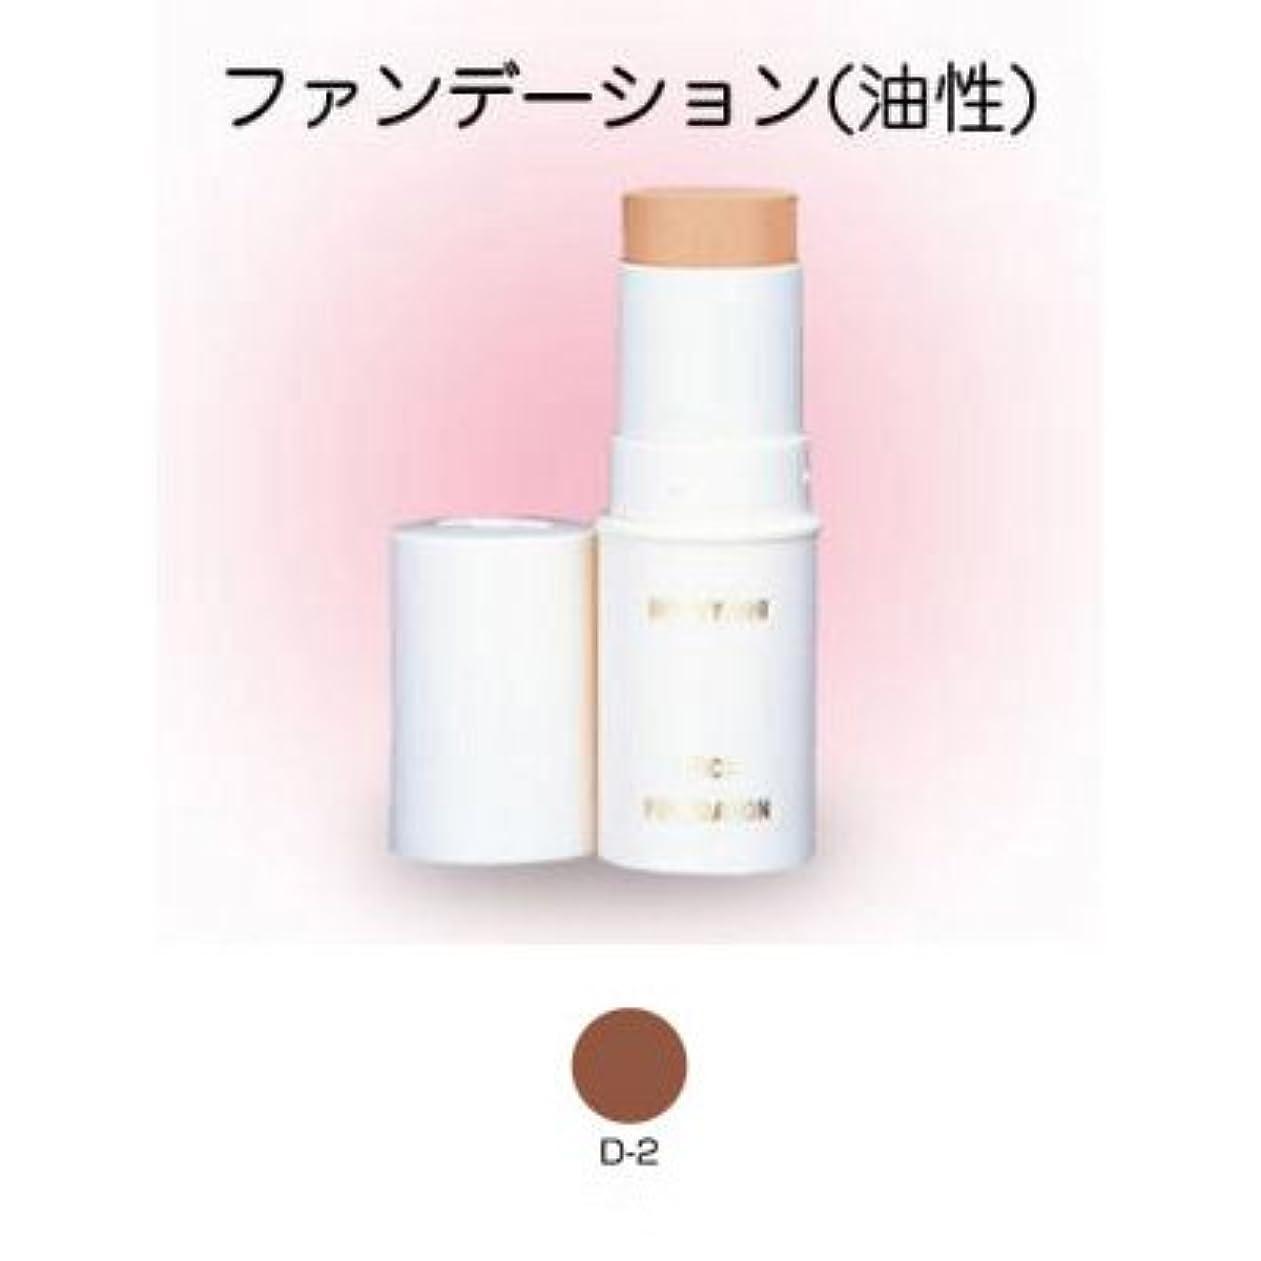 事床ピンスティックファンデーション 16g D-2 【三善】